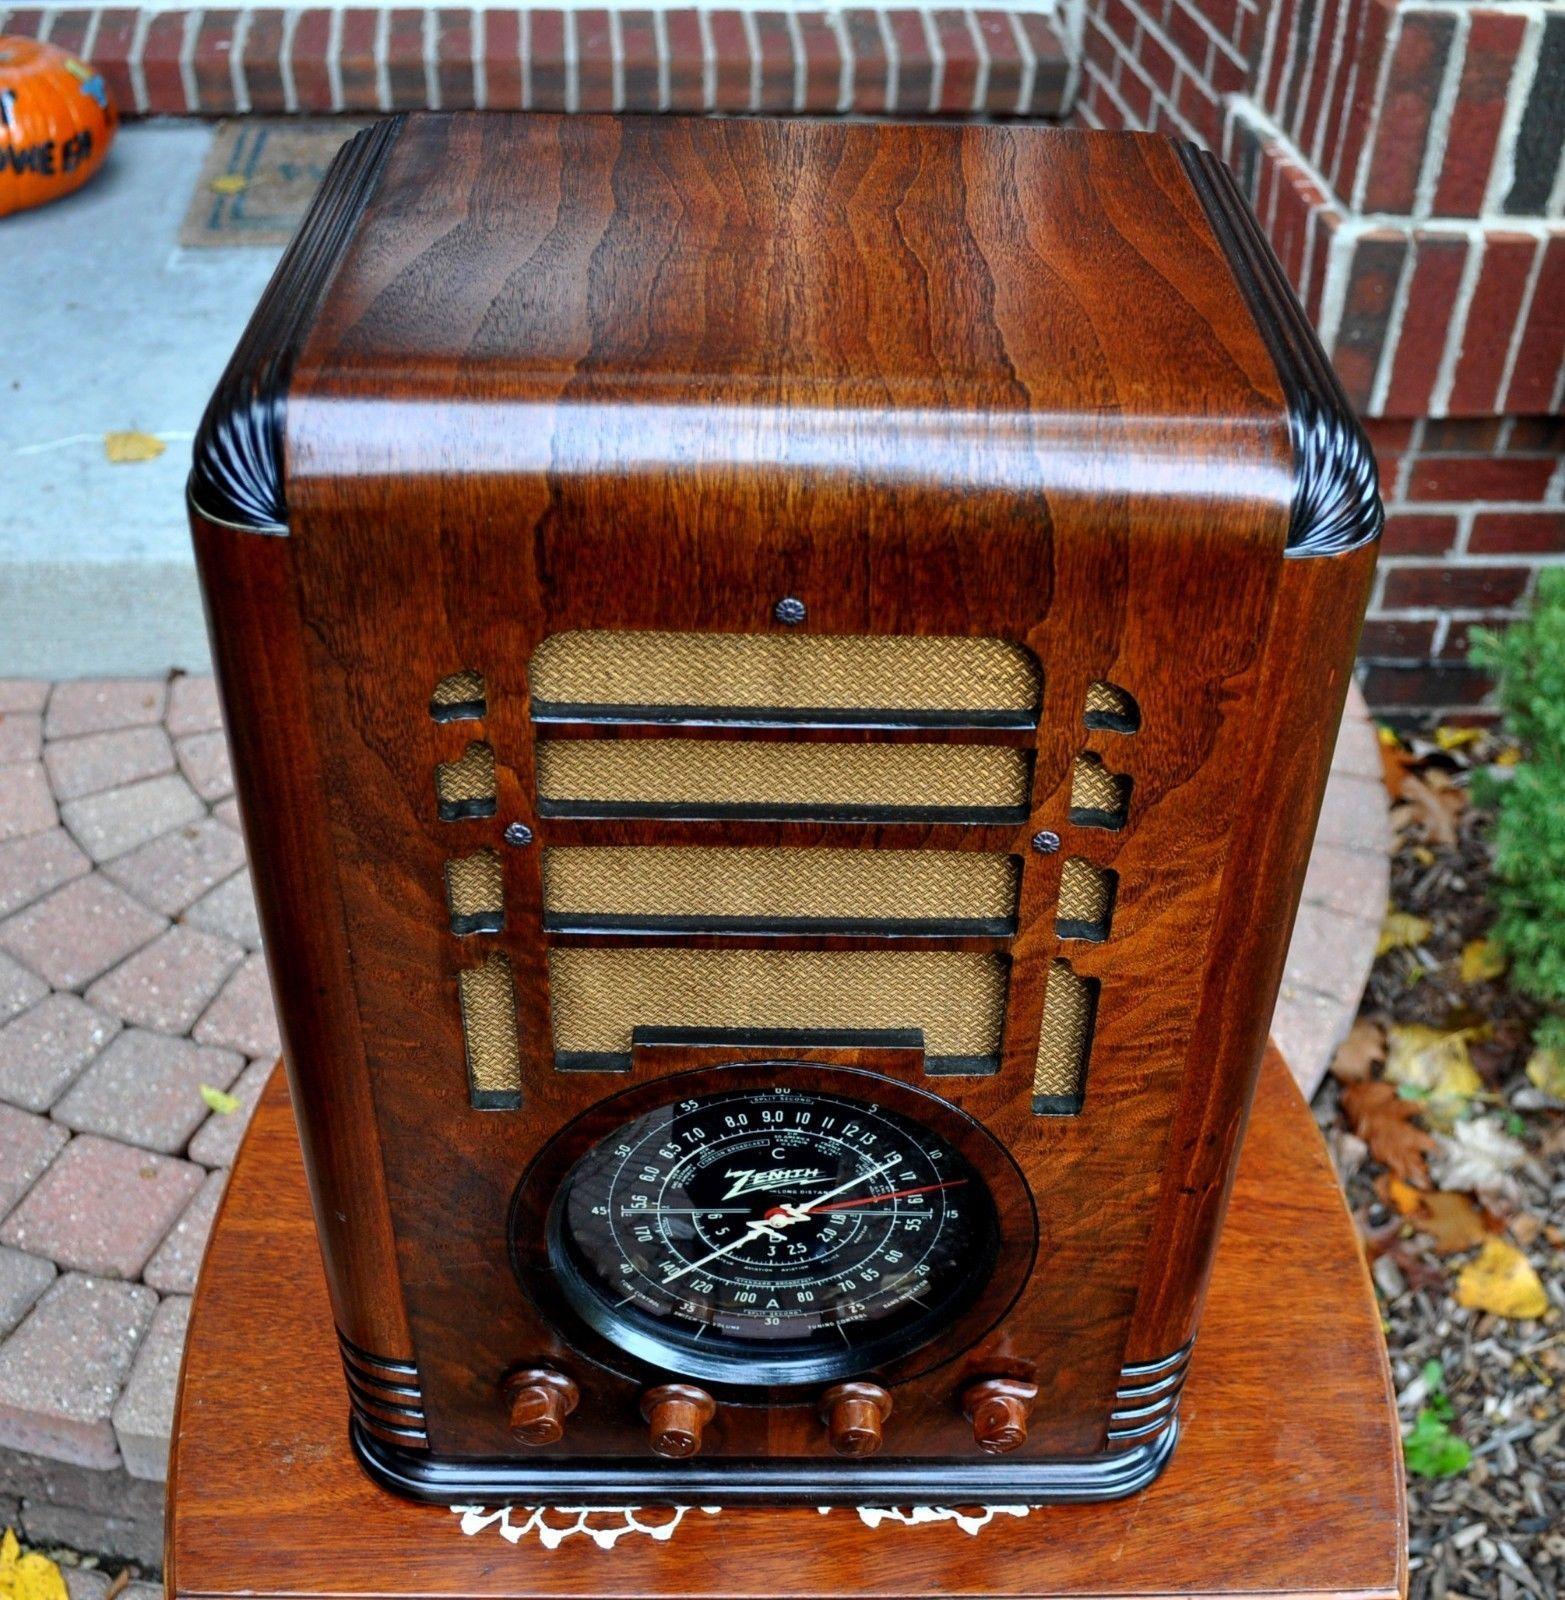 Restored Antique Vintage Zenith 5s127 Tombstone Wood Tube Radio Works Perfect Ebay Antique Radio Retro Radios Vintage Radio